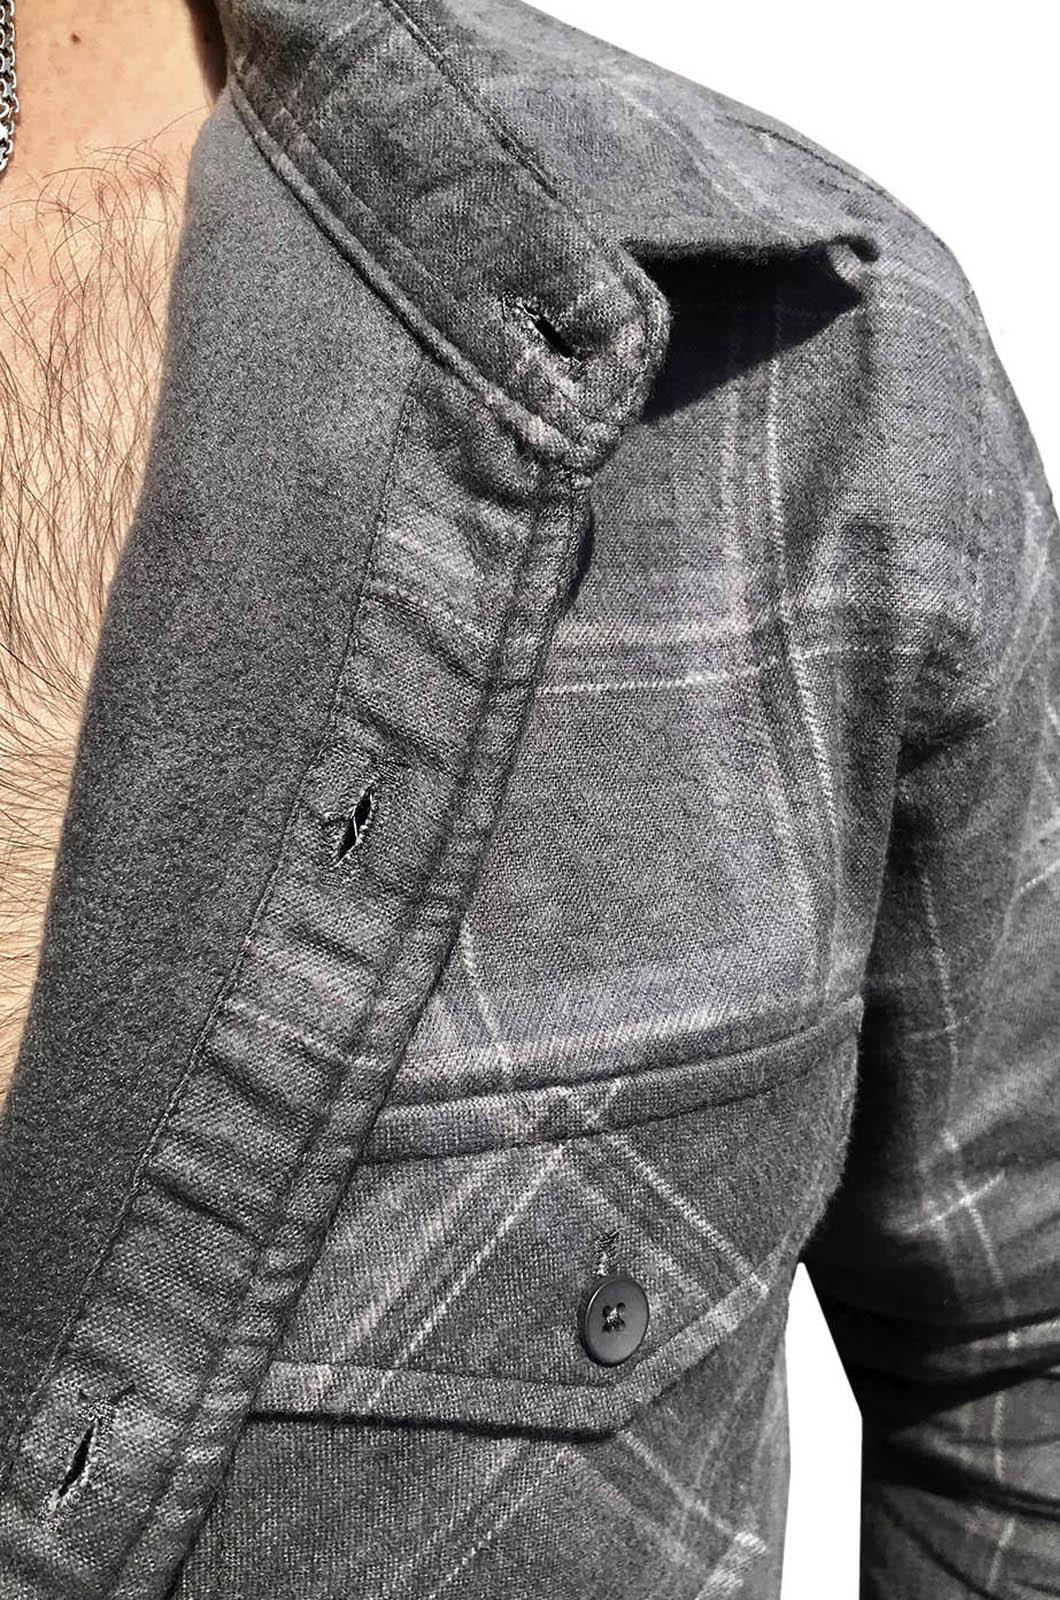 Клетчатая крутая рубашка с вышитым шевроном Каратель - заказать онлайн